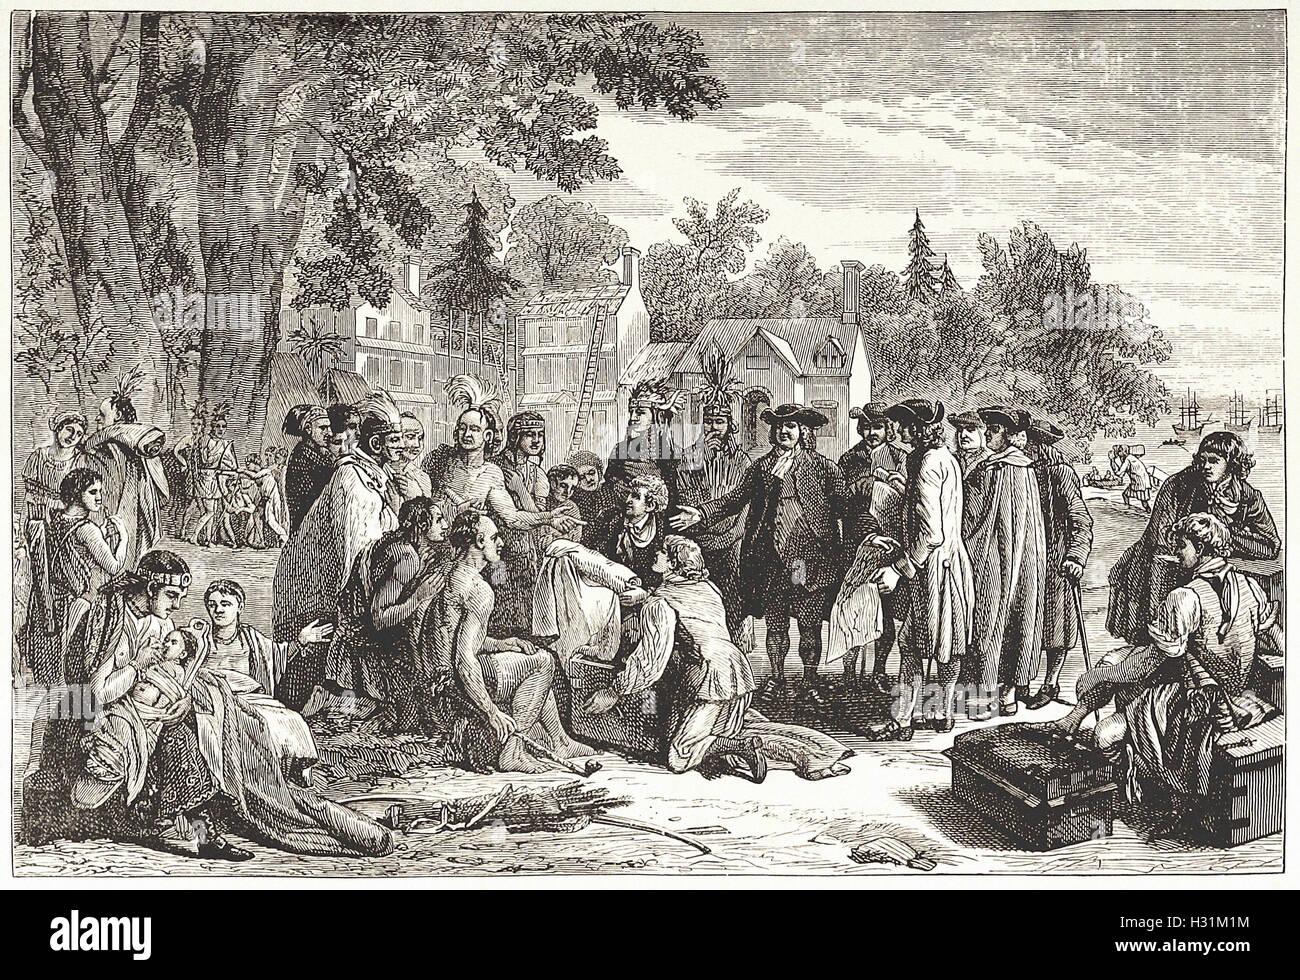 """PENN trattato con gli indiani. - Dalla 'Cassell illustrato della storia universale"""" - 1882 Immagini Stock"""